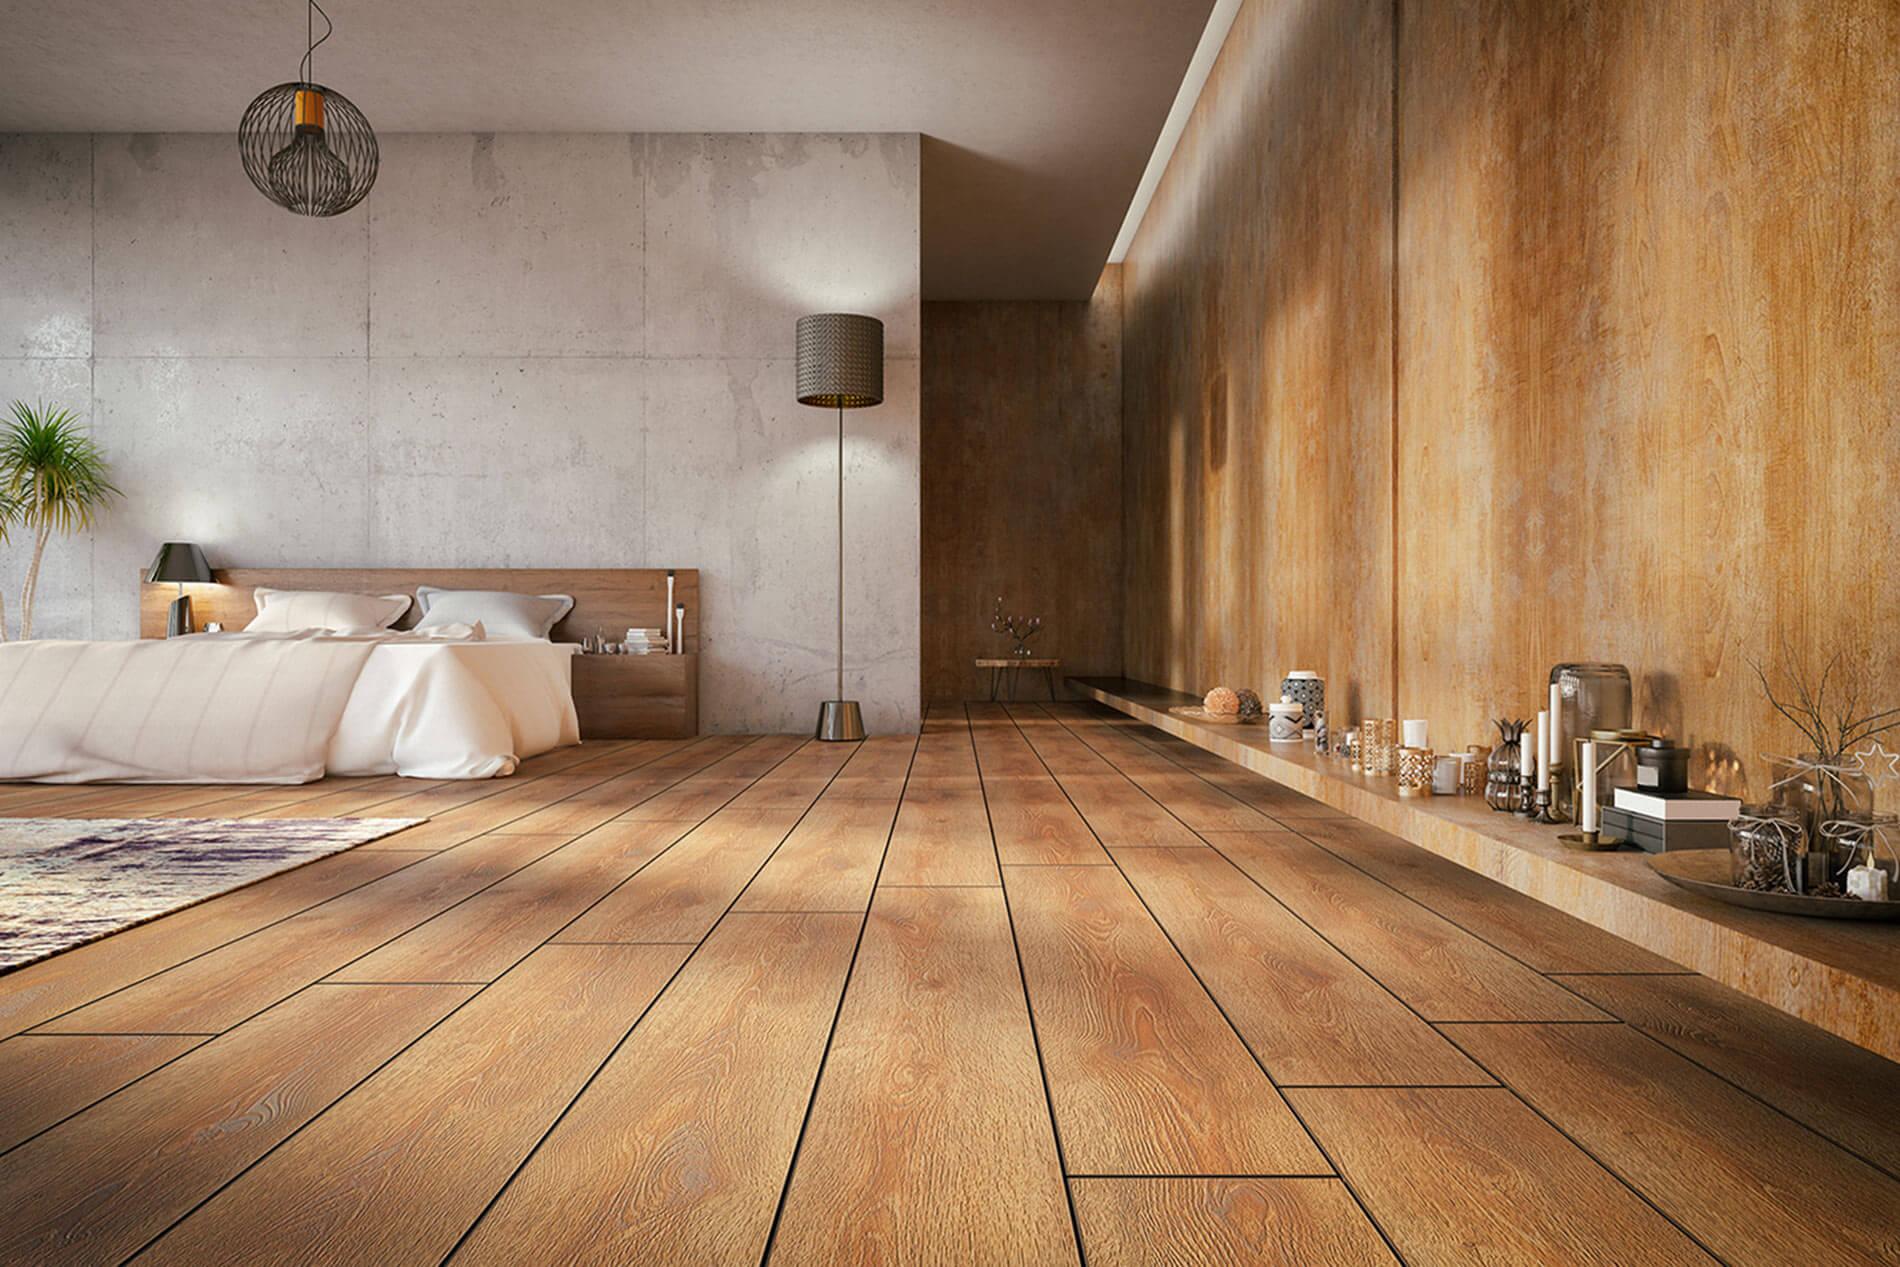 Schöne Wohneinrichtung mit tollem Holzboden